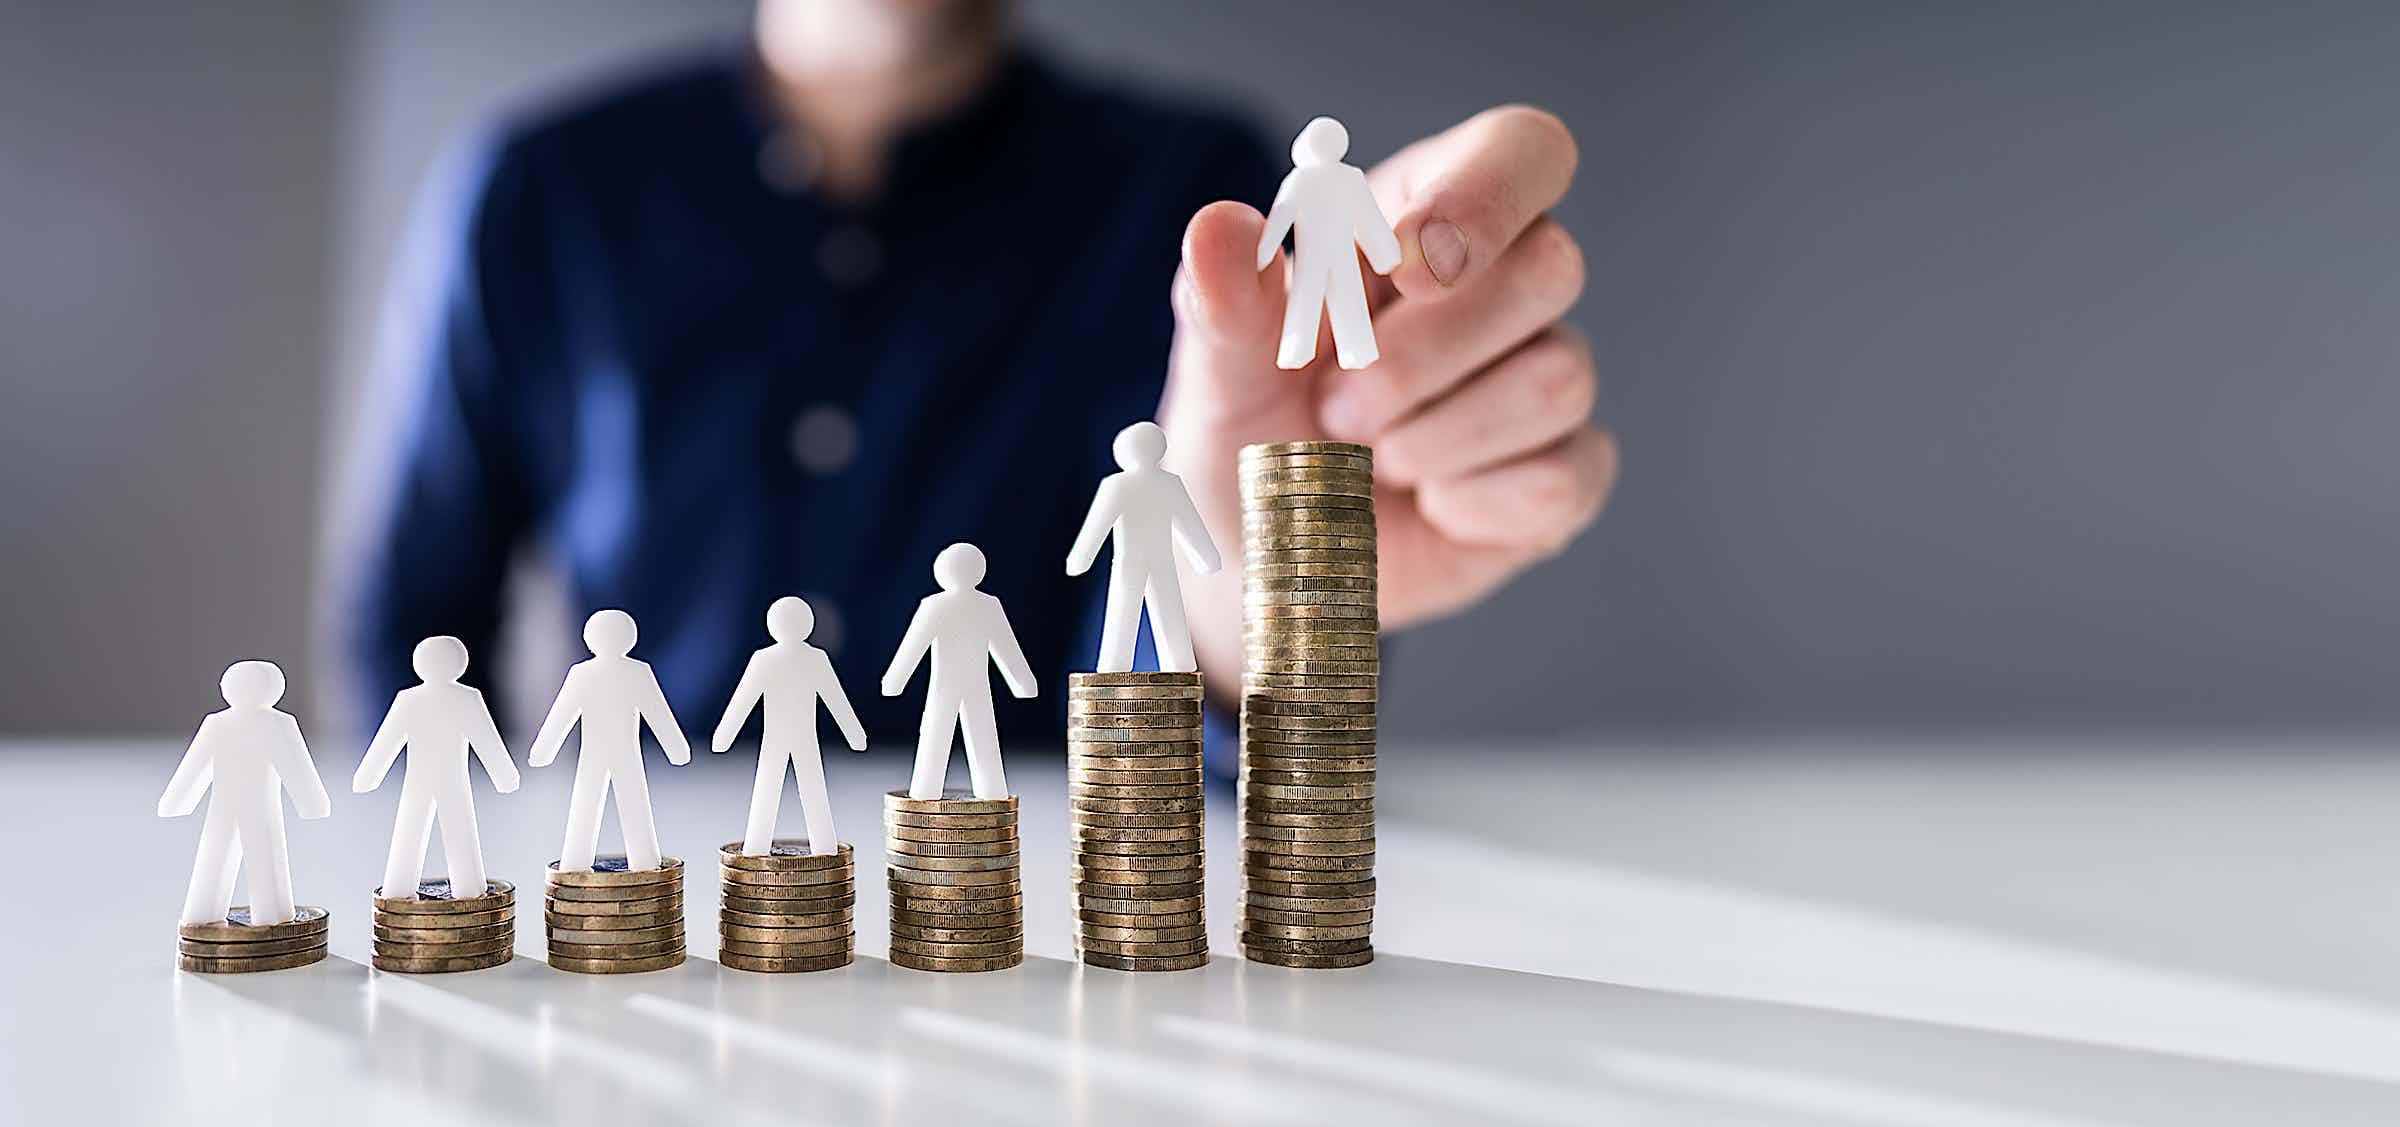 Mindestlohn: ungleiche Verteilung von Gehältern, Balkendiagramm aus Geldmünzen